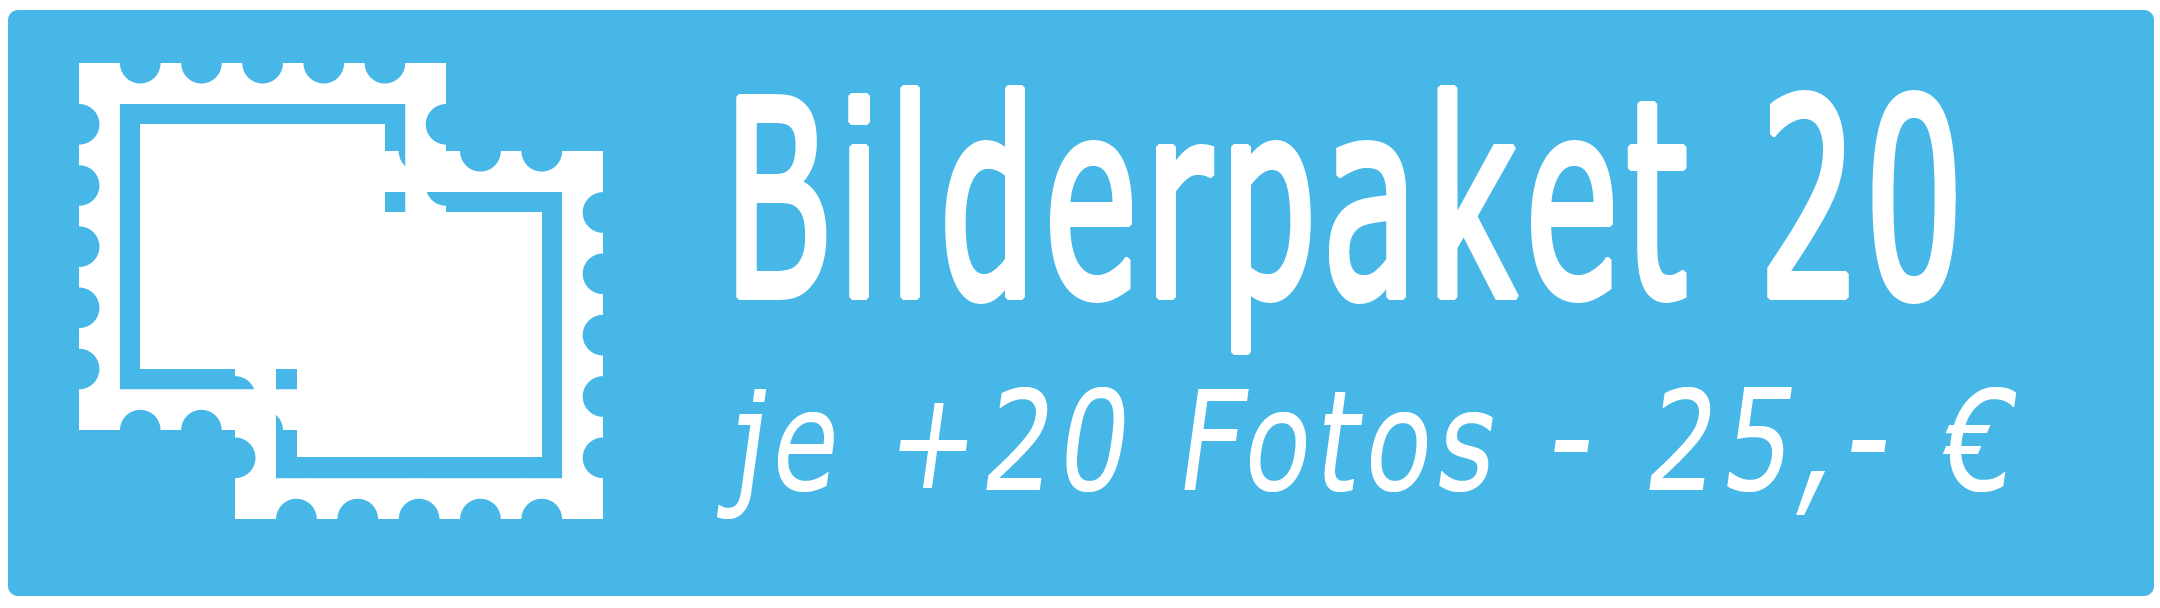 Bilderpaket 20 - je 20 Bilder mehr - 25,- €/